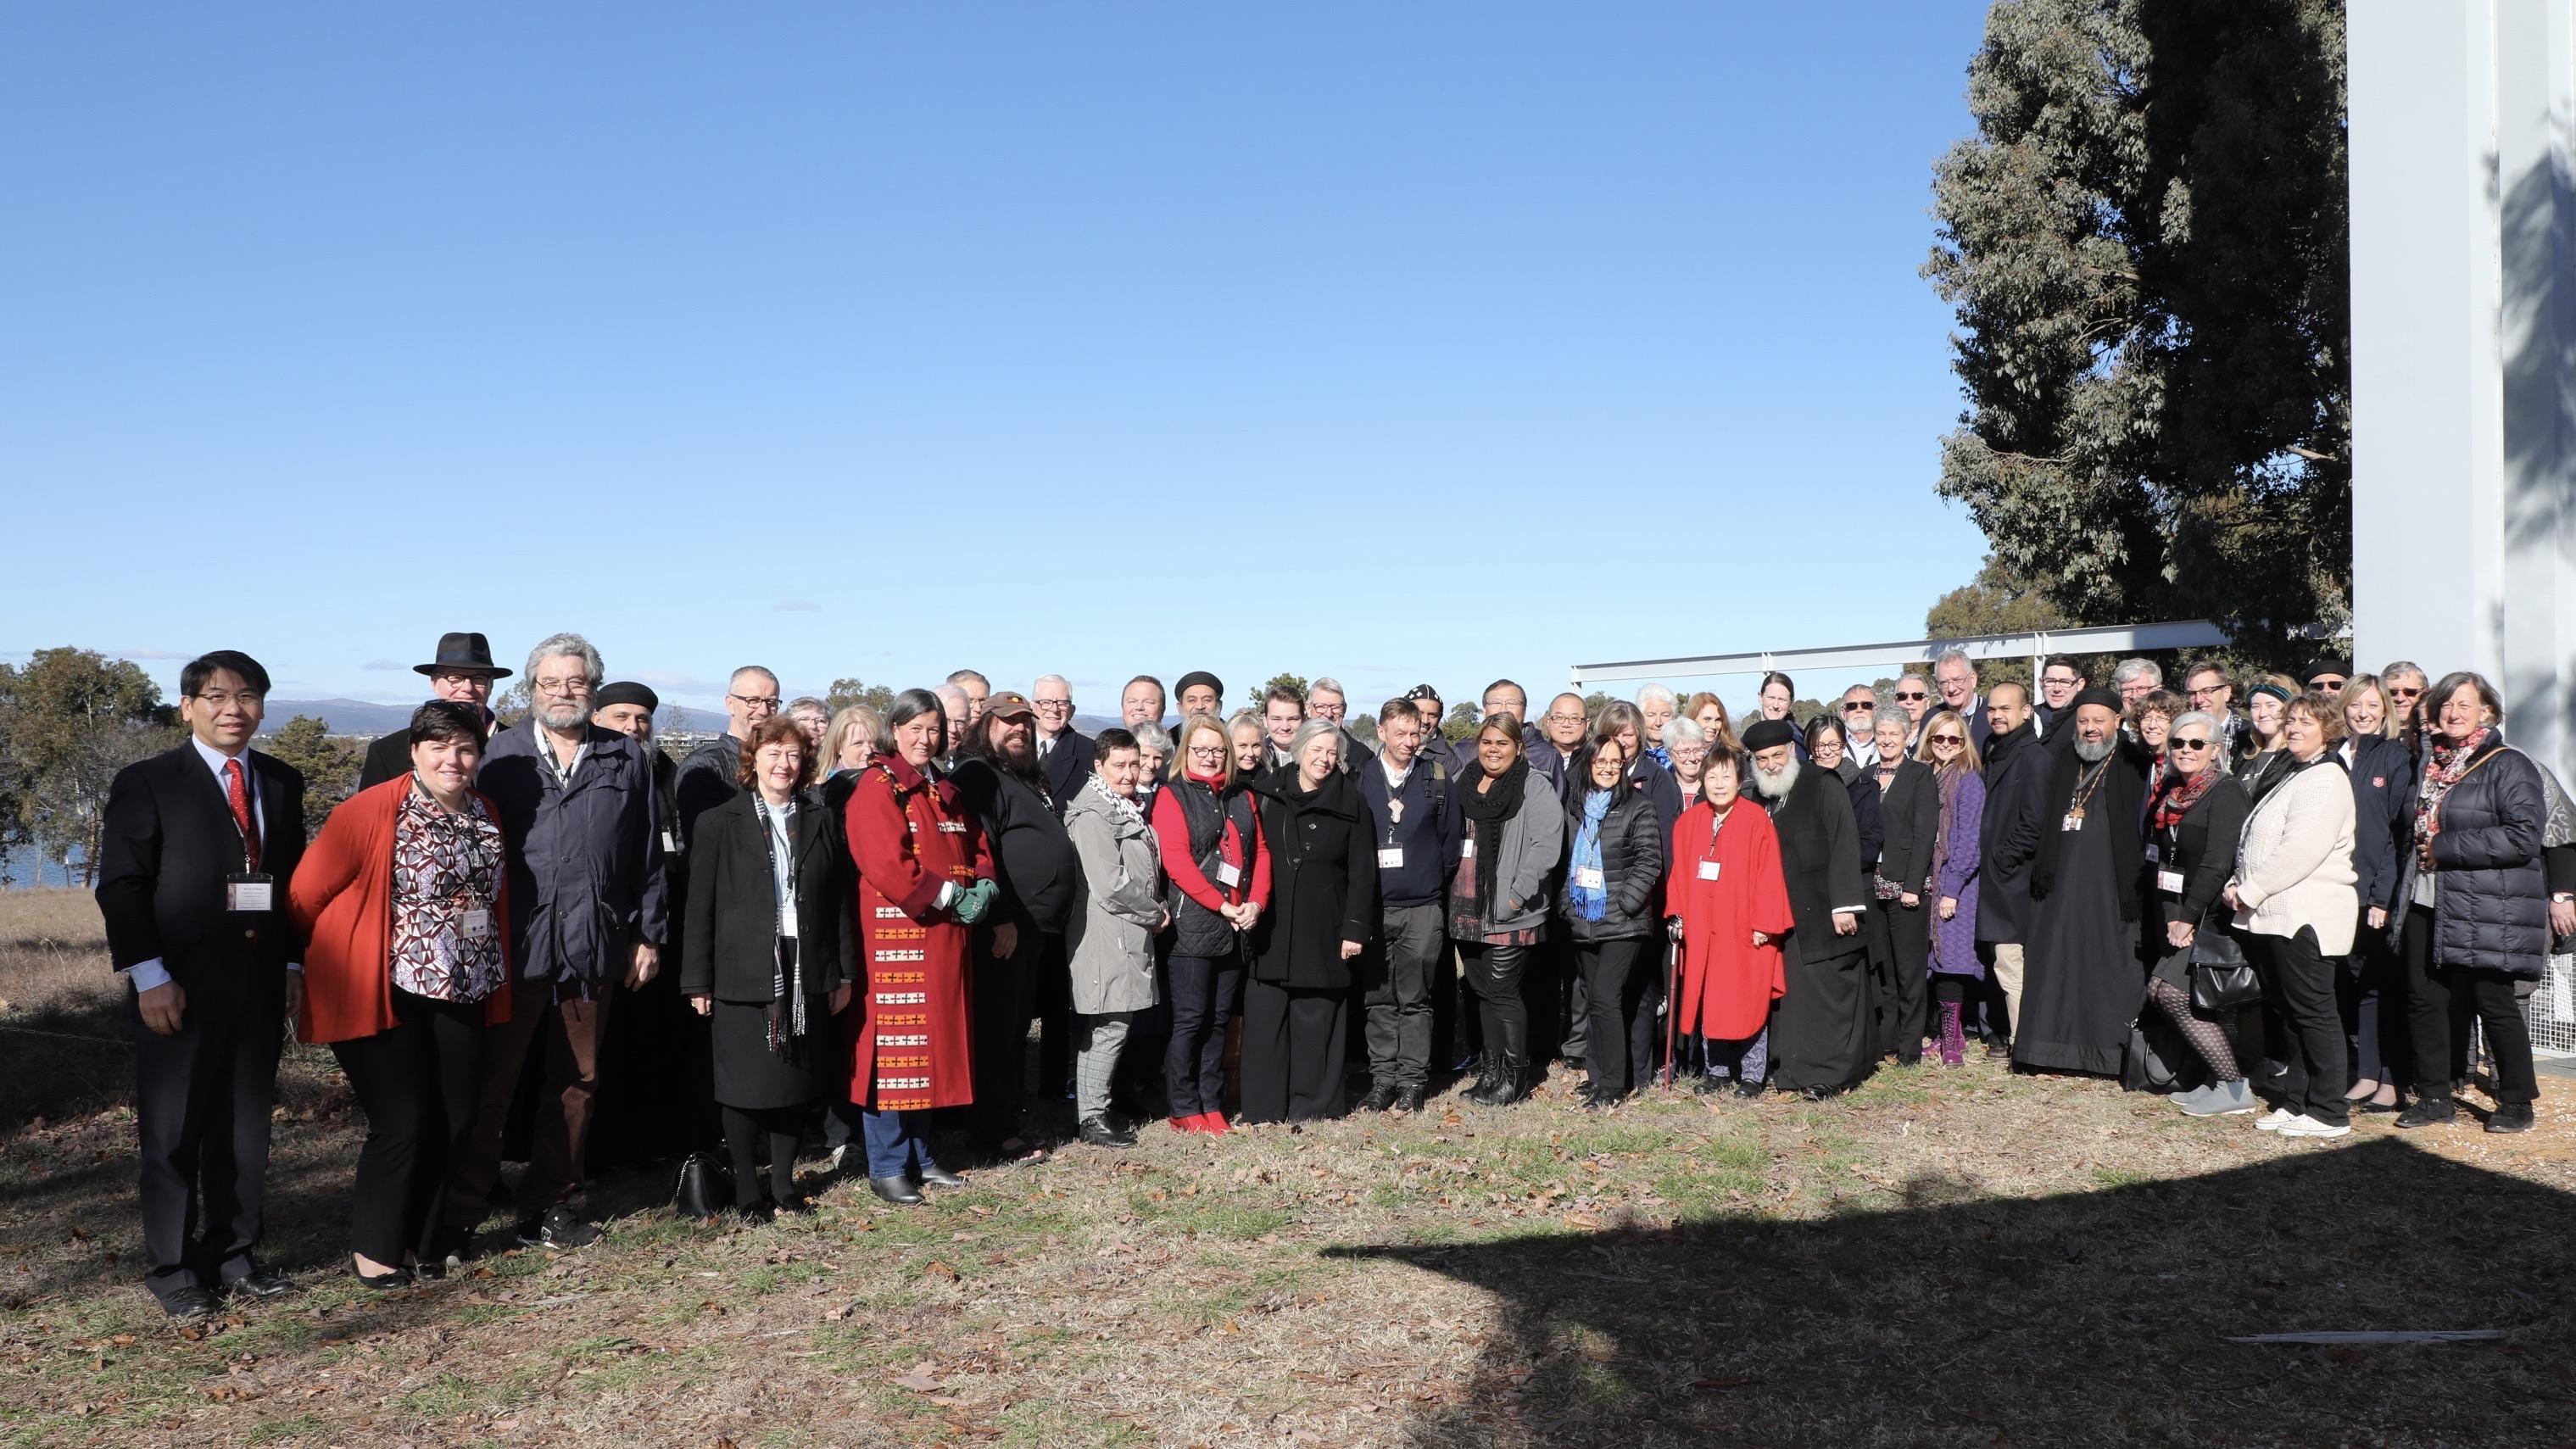 Group photo of Forum participants